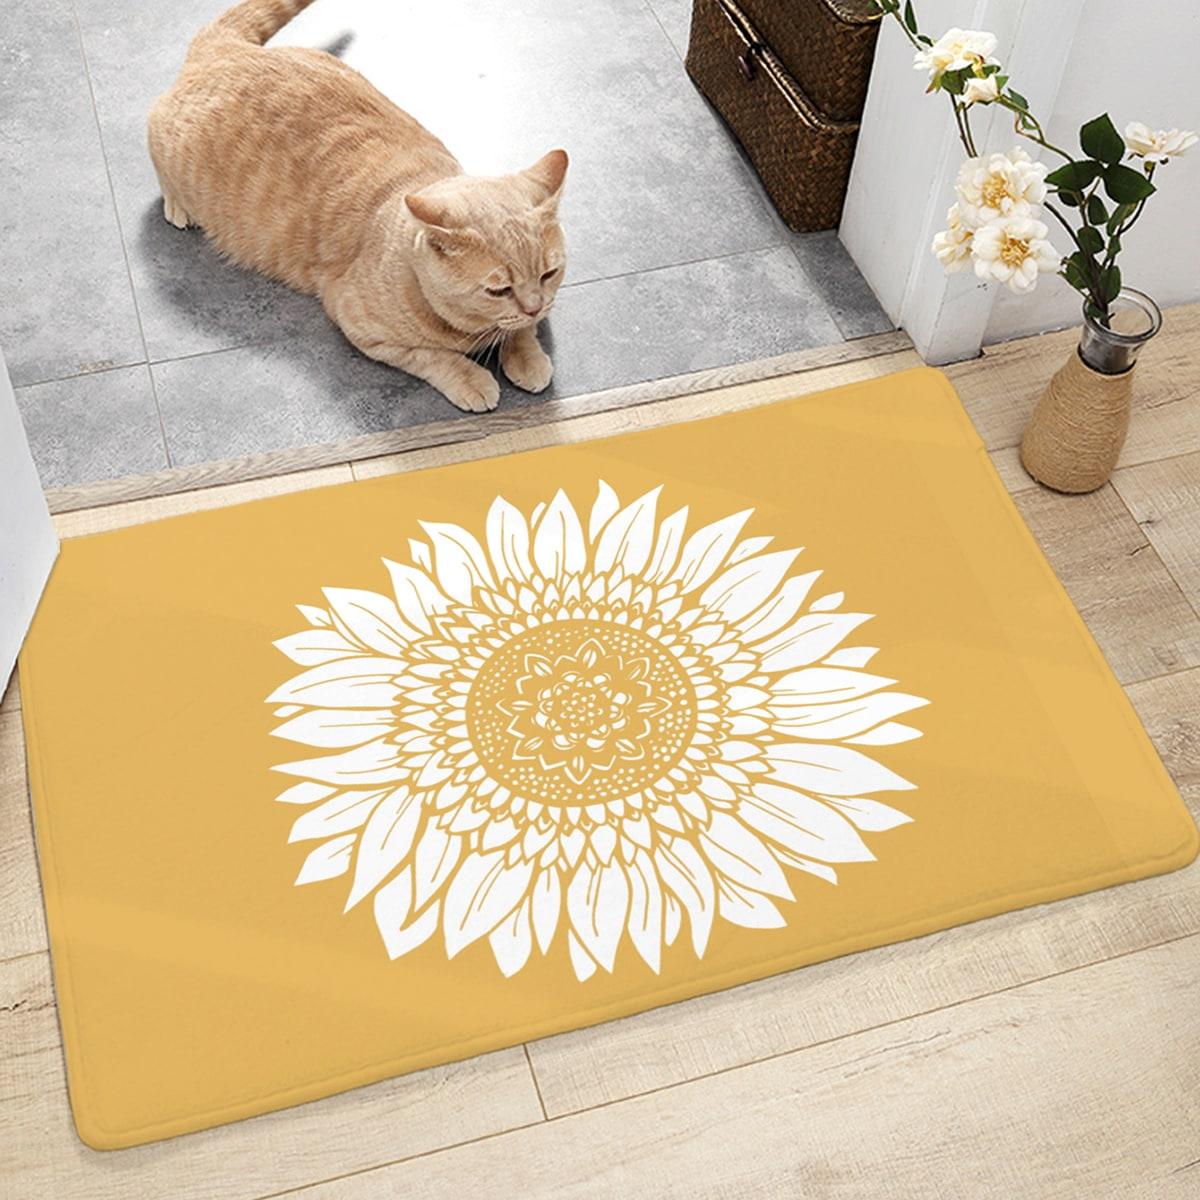 Bodenmatte mit Sonnenblumen Muster